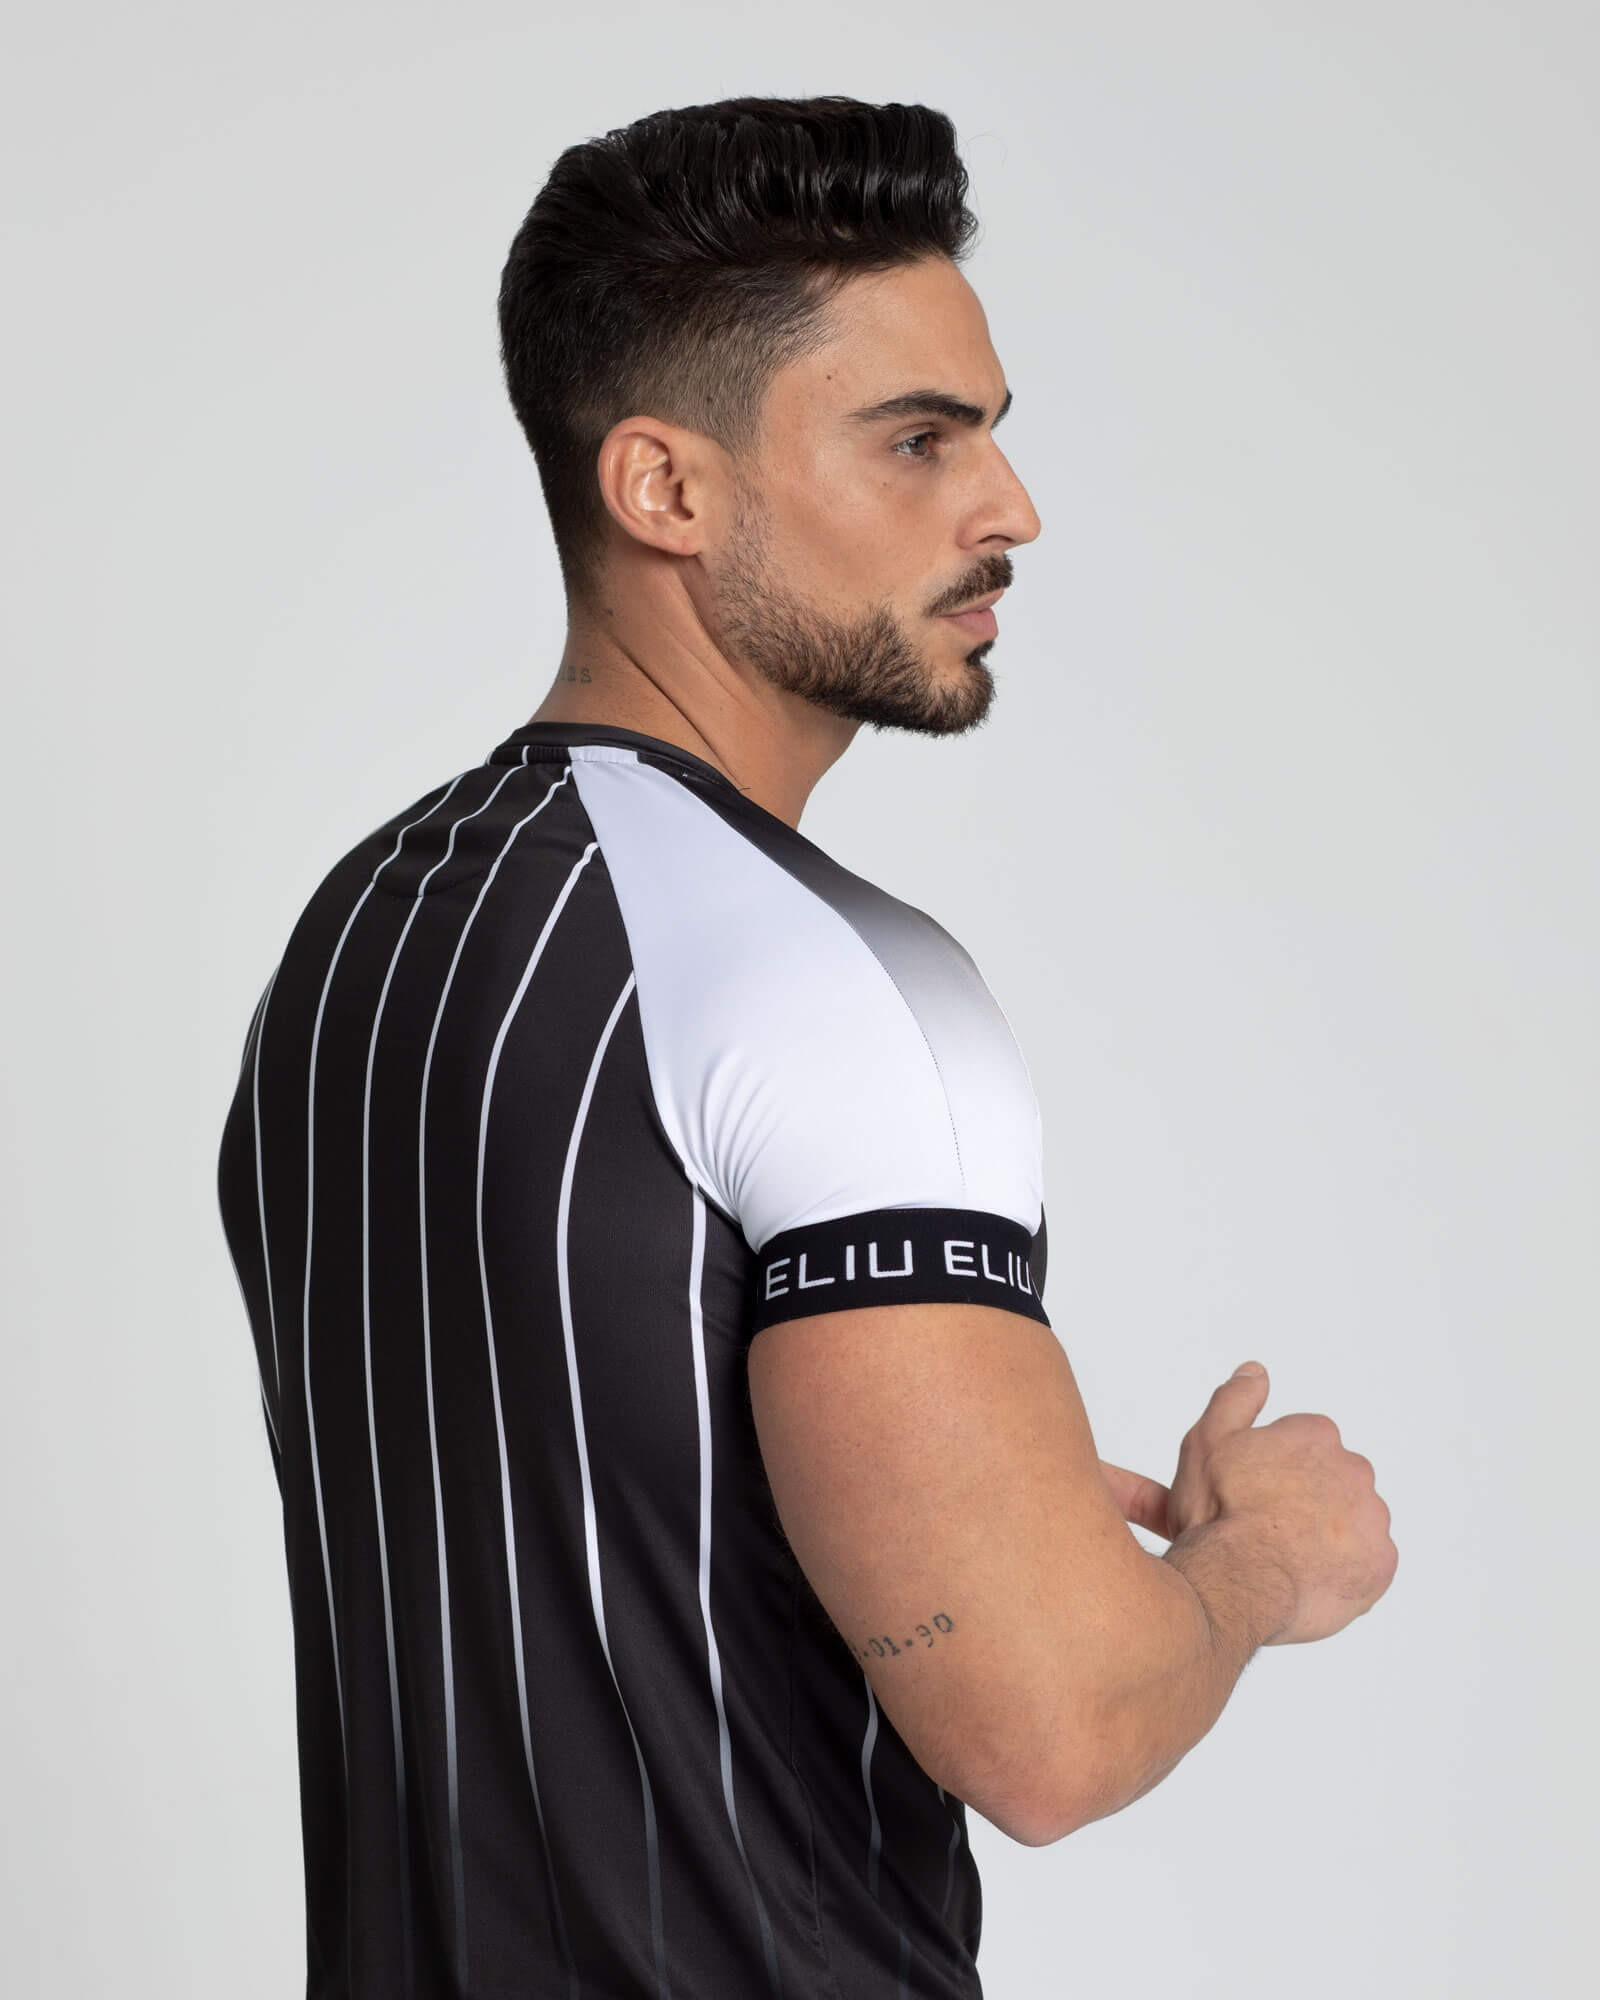 Camiseta Gradient Stripes. Estilo urbano de ELIU streetwear.